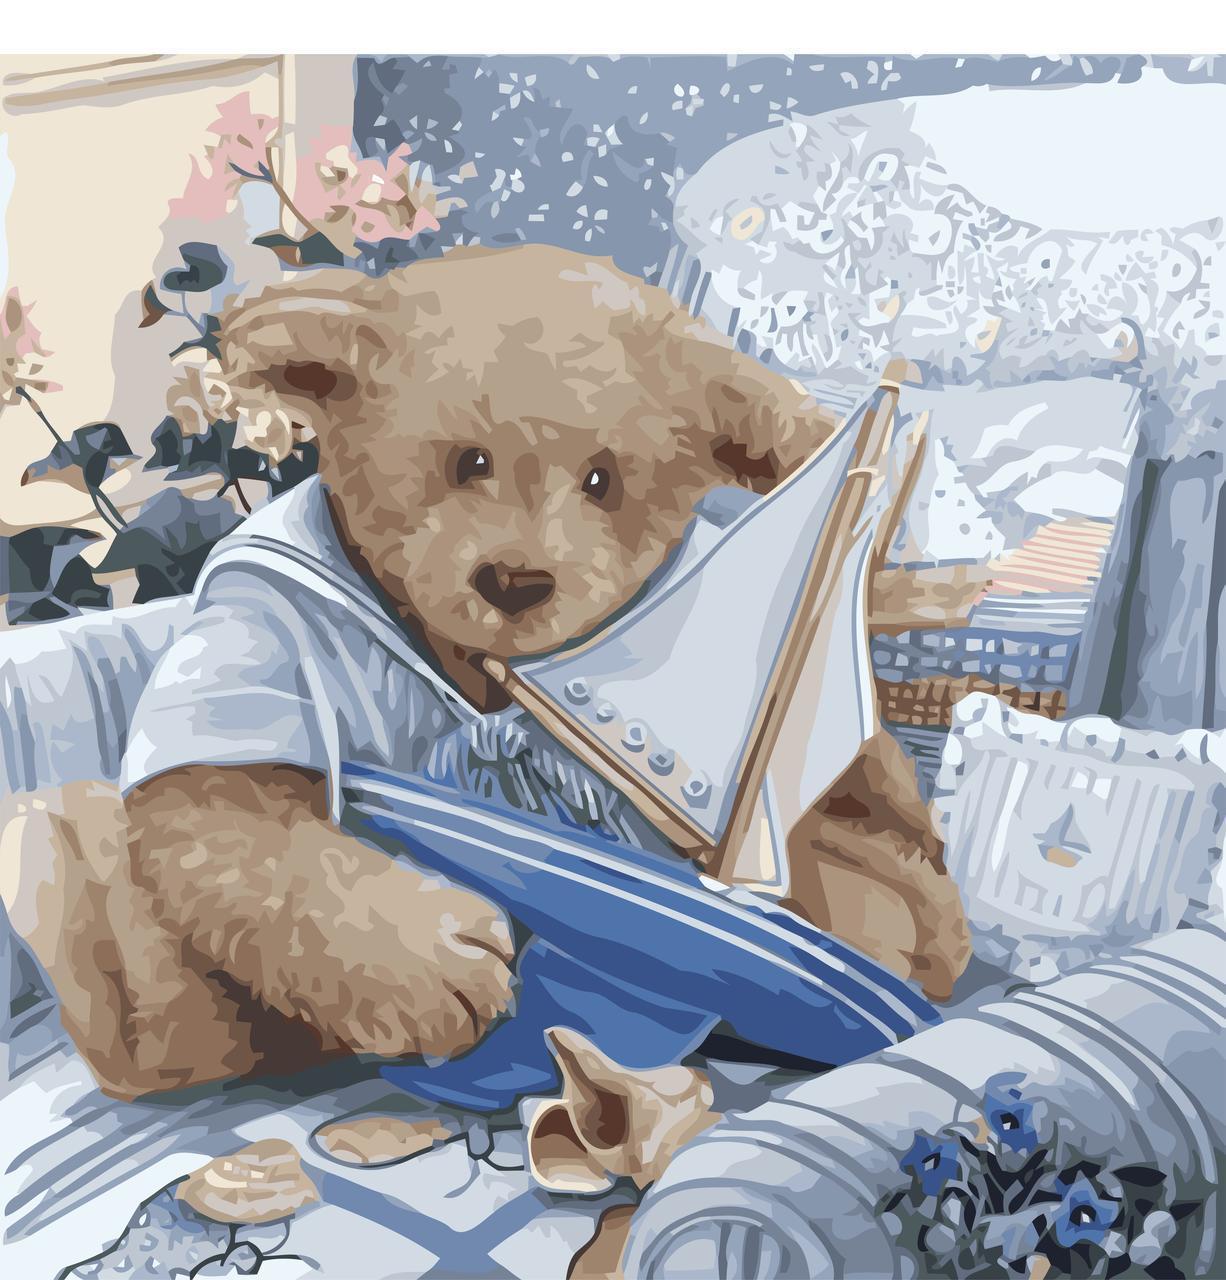 Картина малювання за номерами Ідейка Плюшевий юнга КНО2311 40х40см набір для розпису, фарби, полотно, пензлі